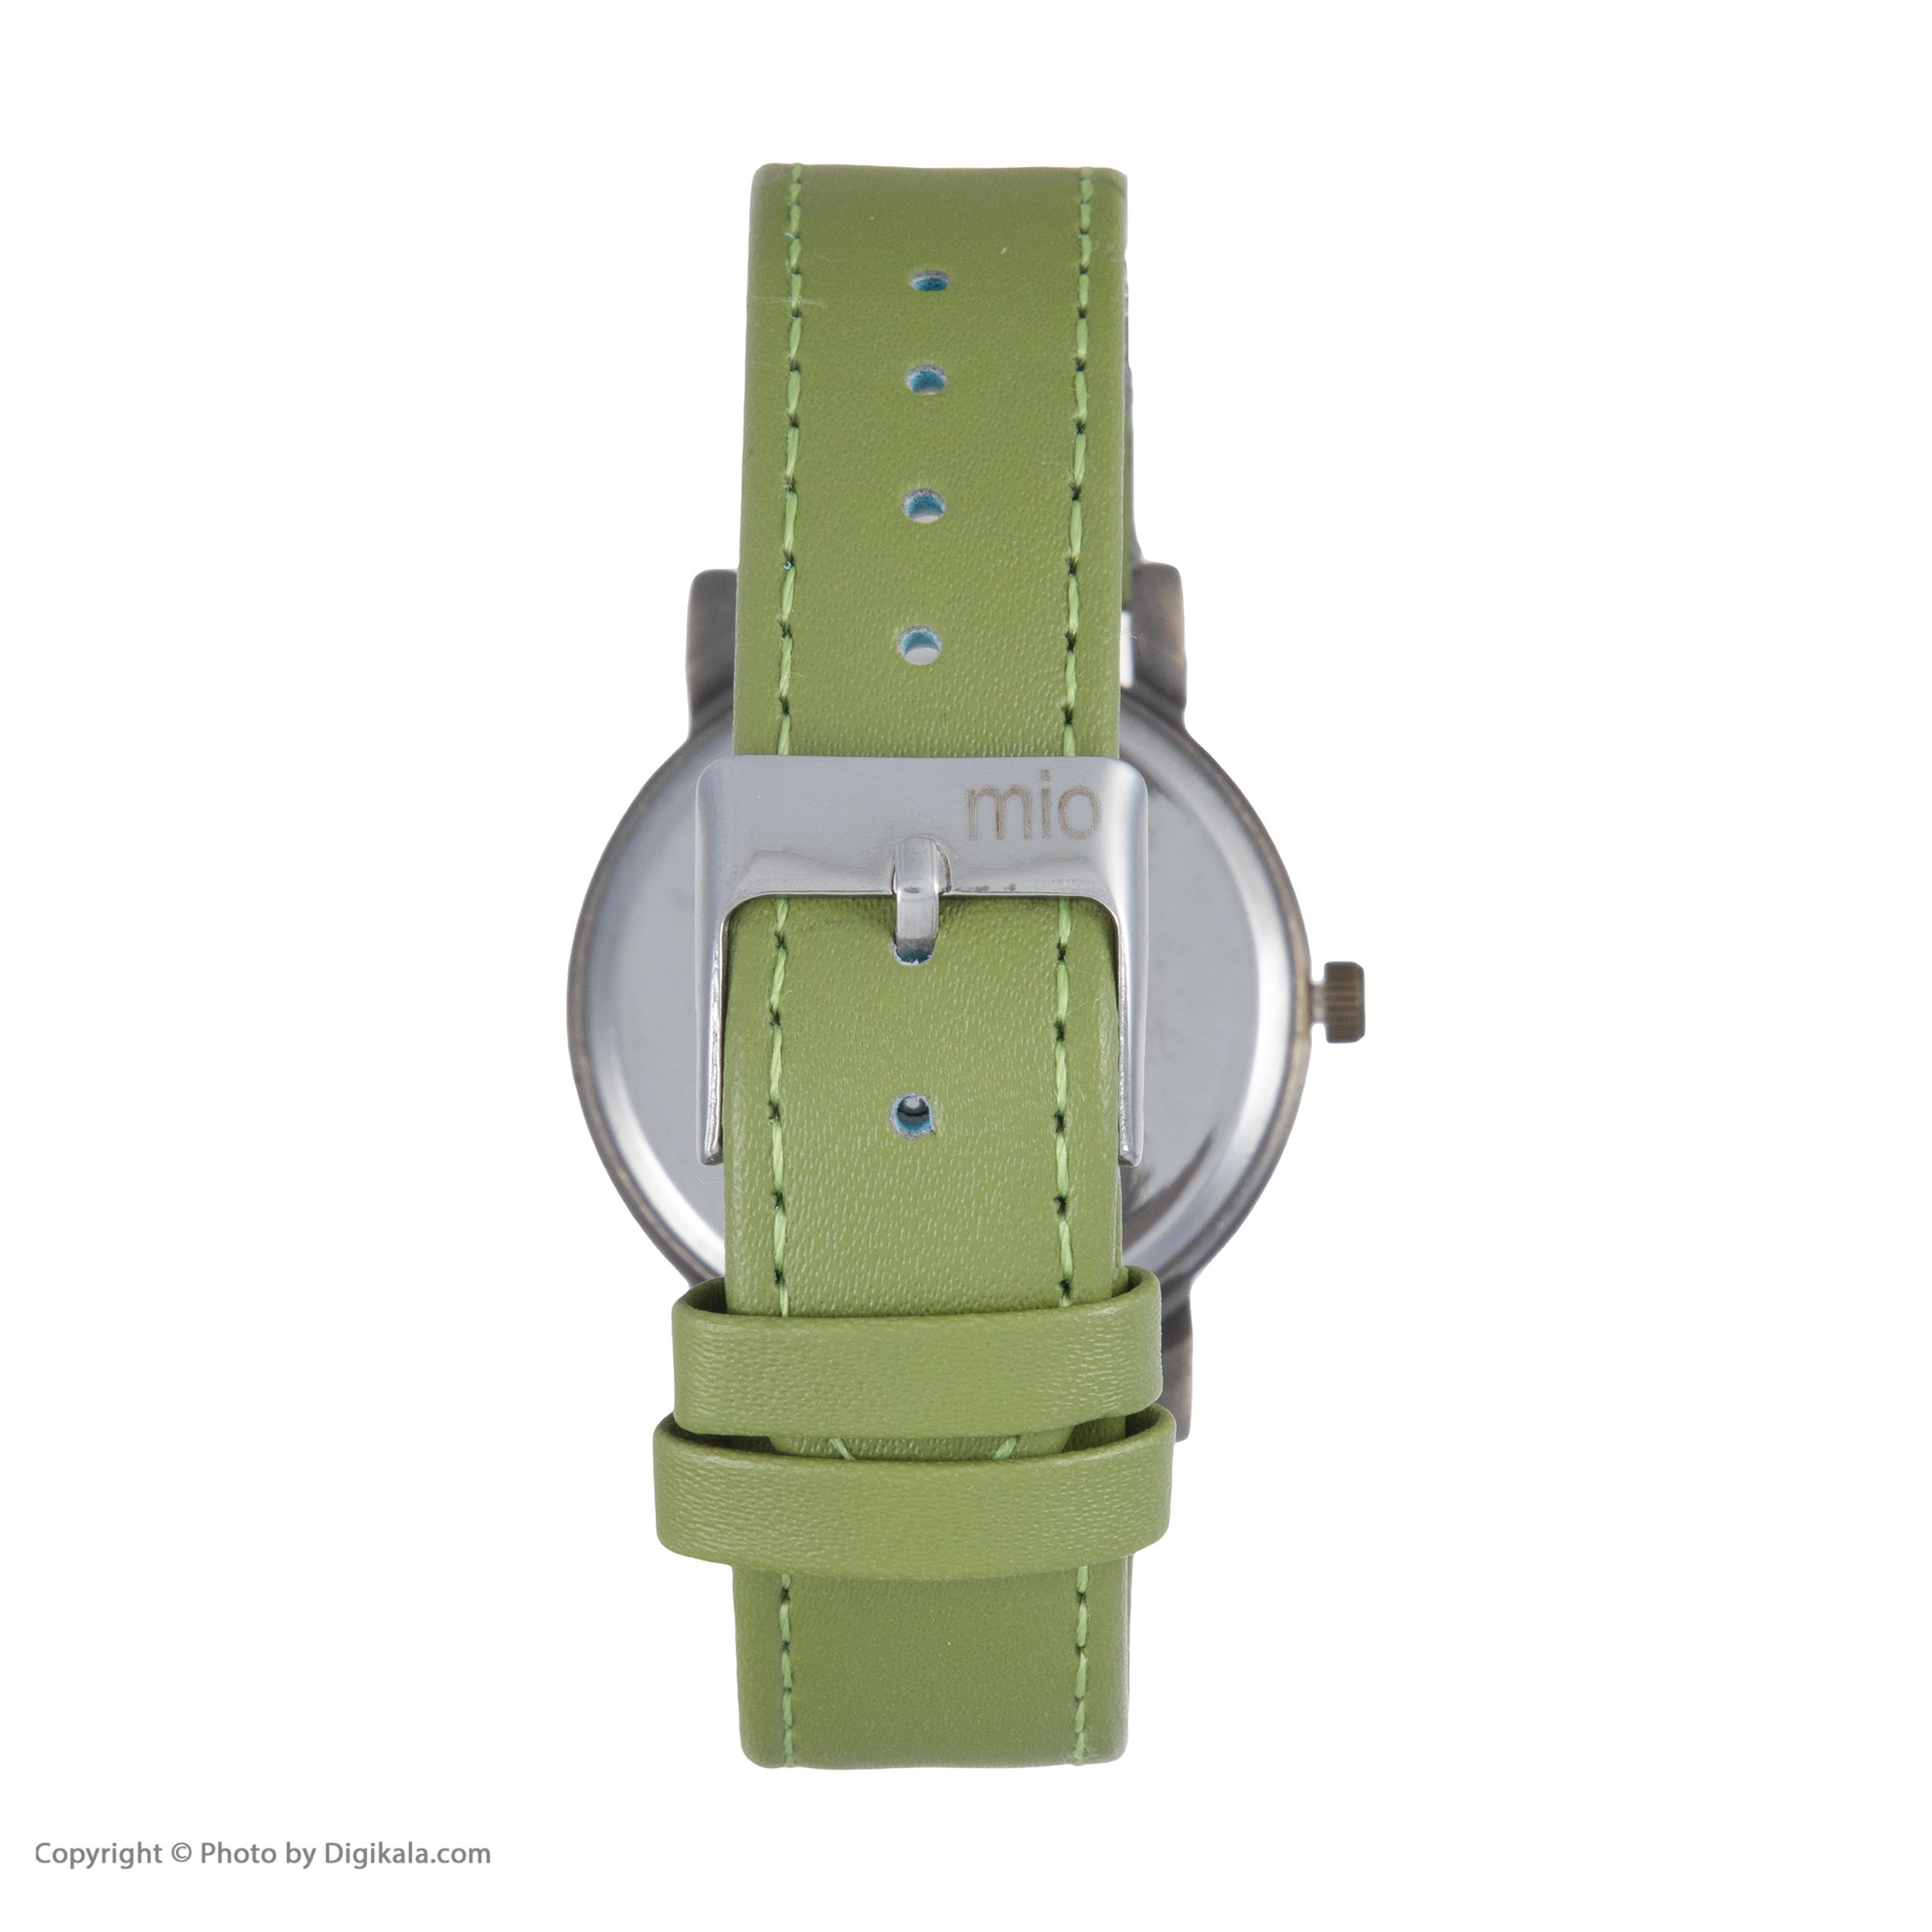 ساعت مچی عقربه ای زنانه میو مدل MWL3007               ارزان